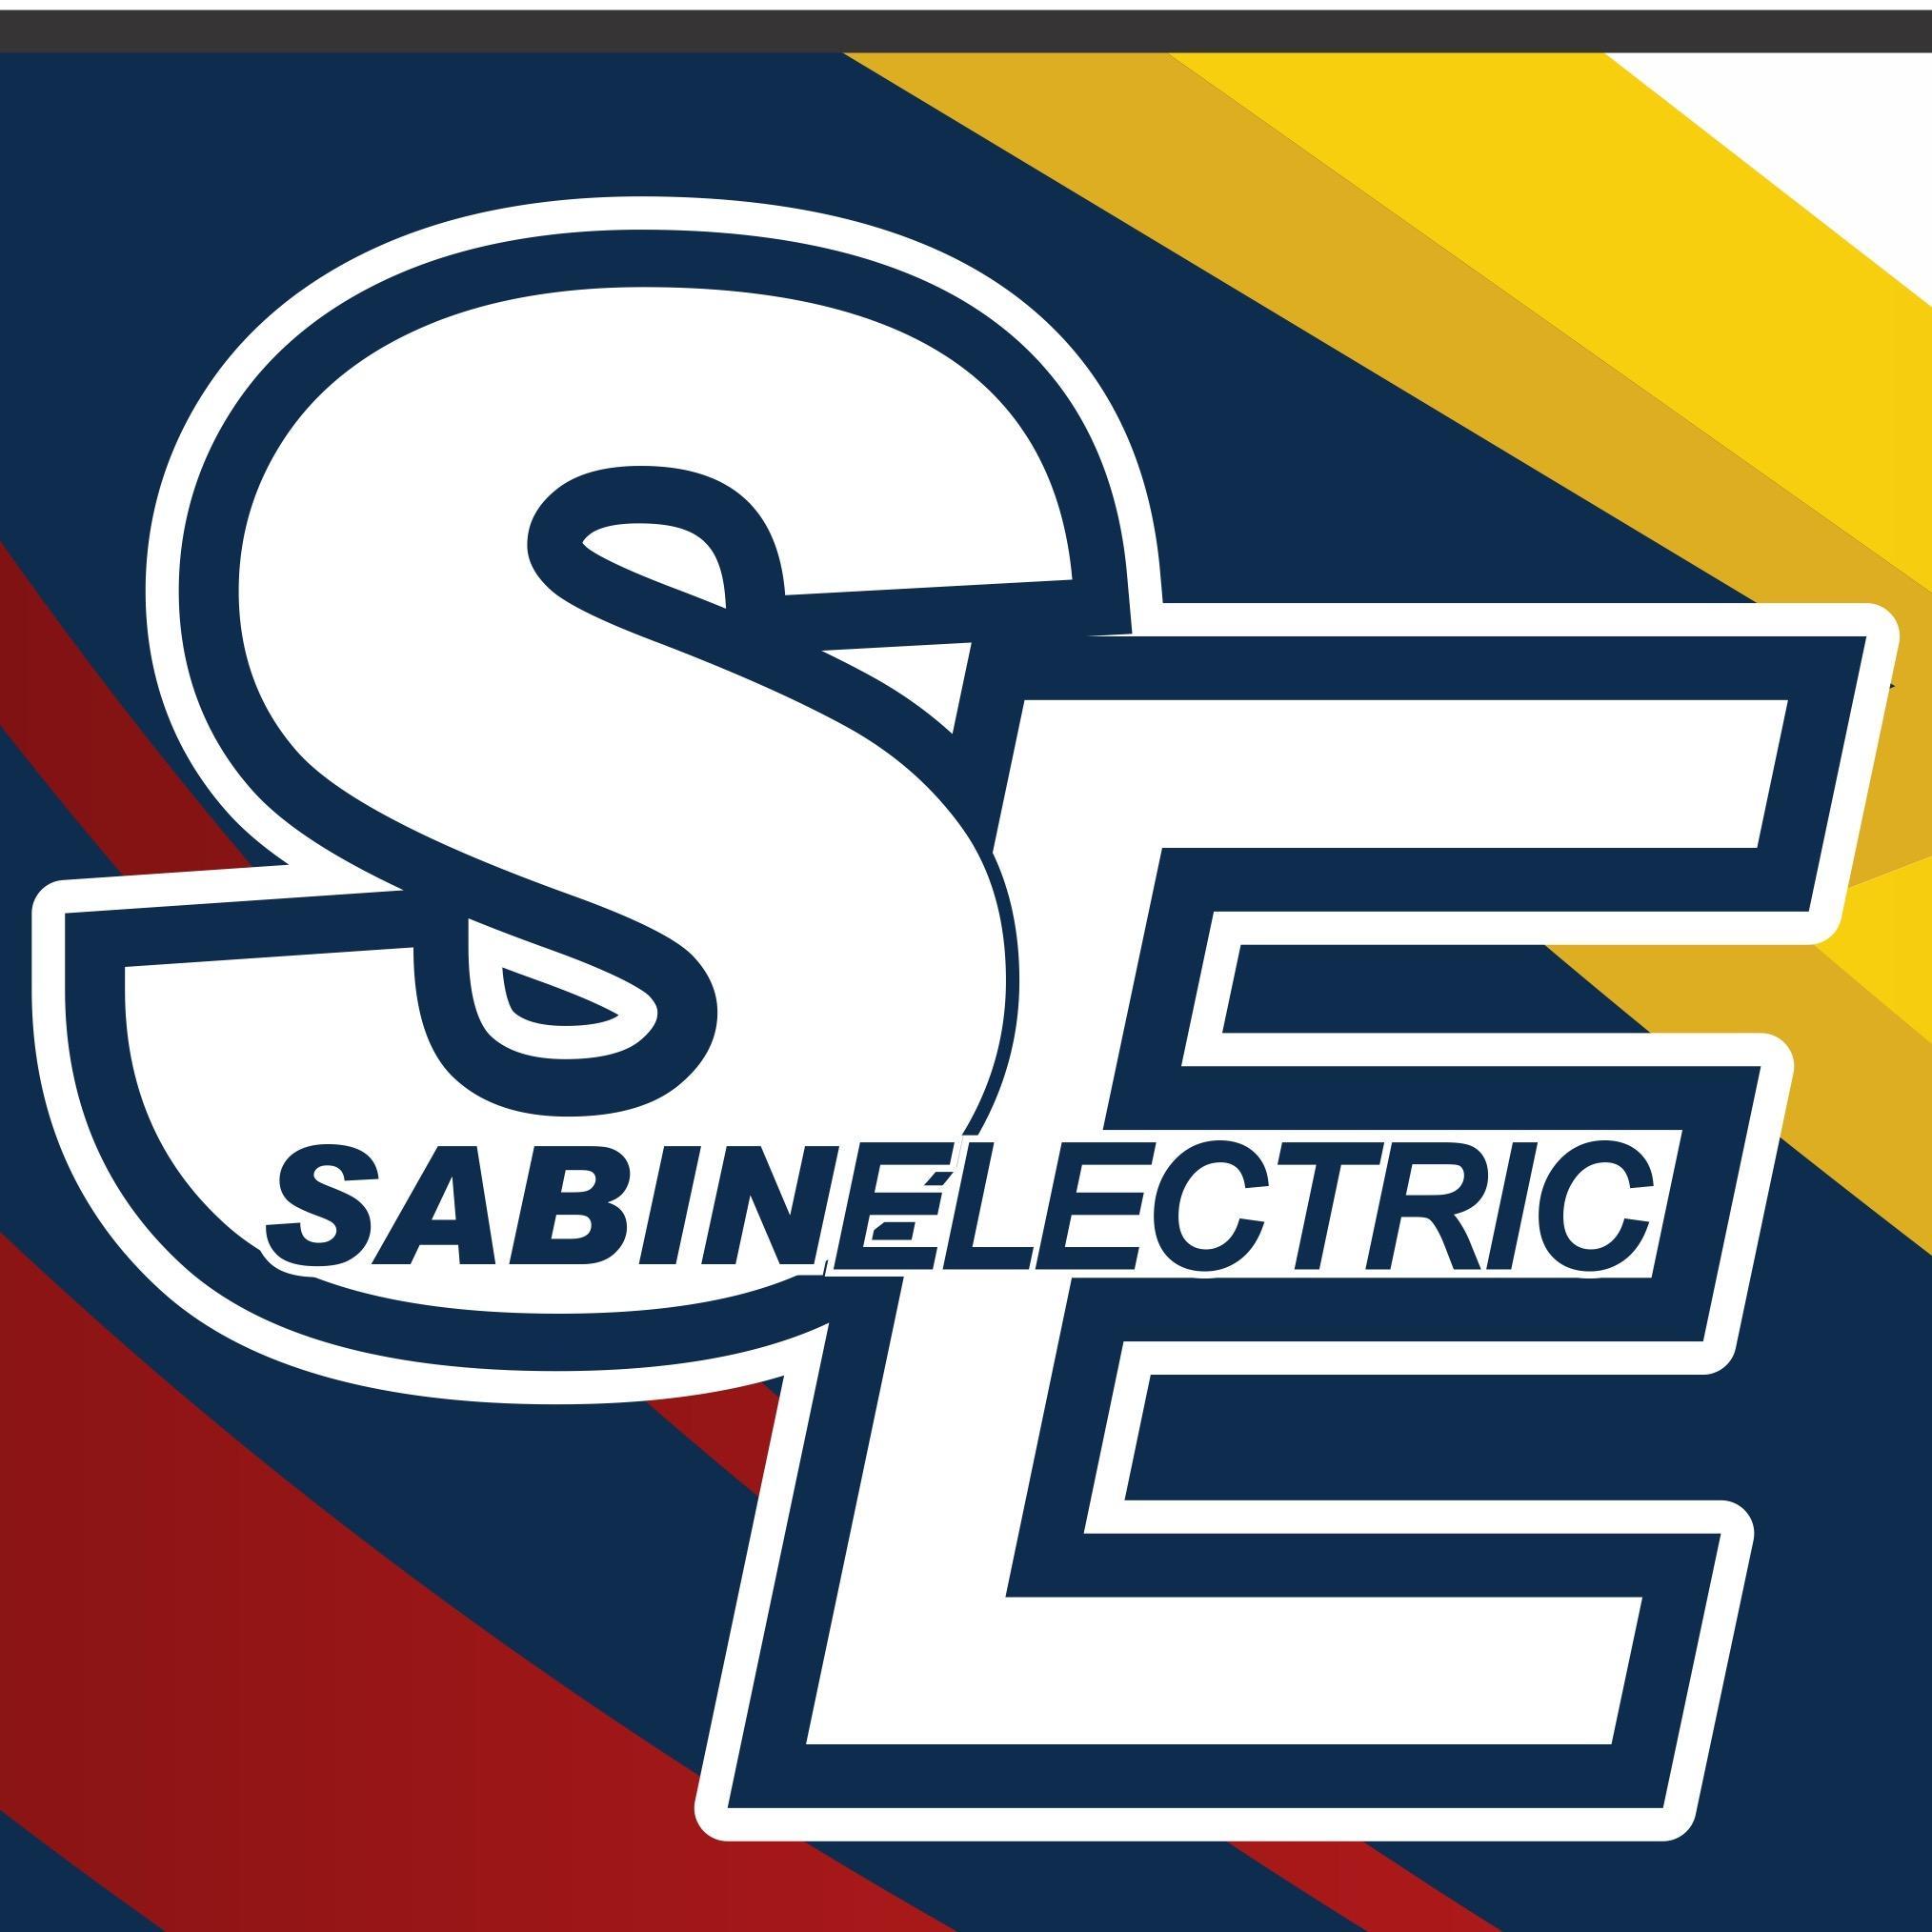 Sabin Electric